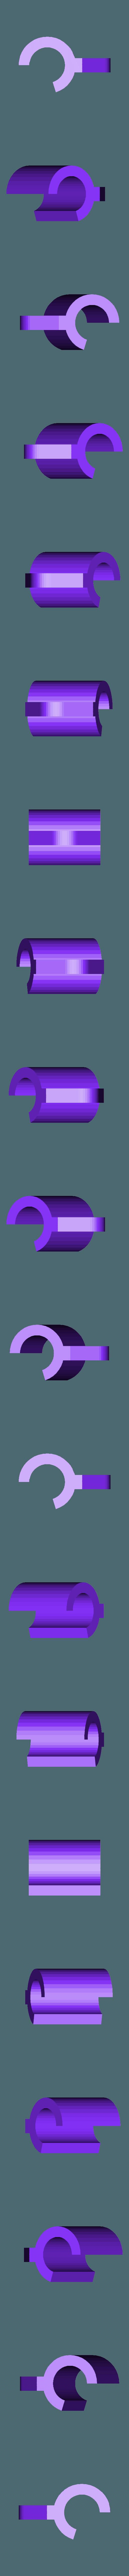 kossel_rod_spring_clip.stl Télécharger fichier STL gratuit Pinces à ressort Kossel pour tiges de 5 mm • Modèle imprimable en 3D, peaberry